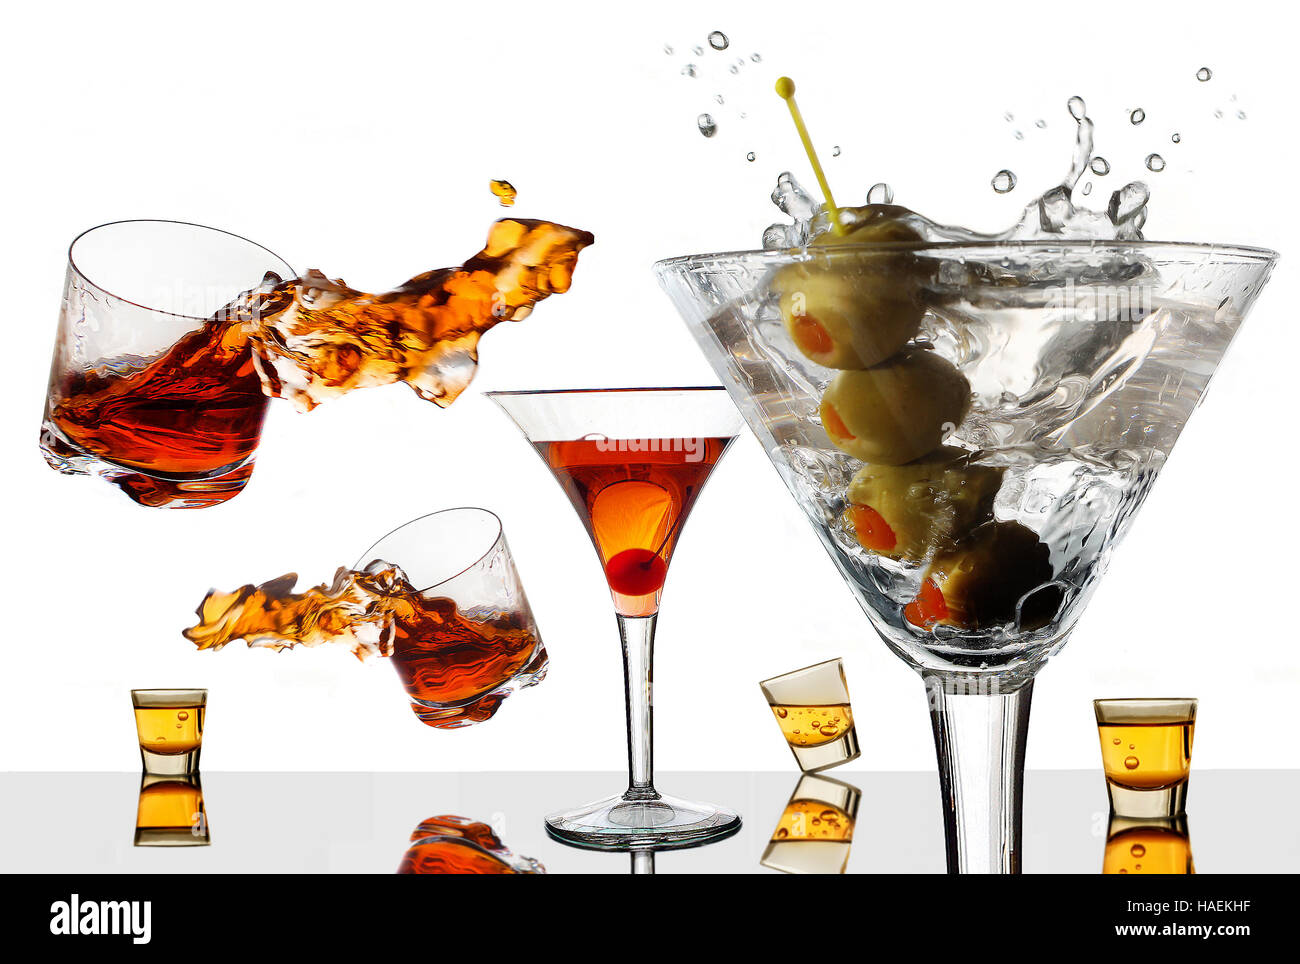 Vieux cocktails faire un nouveau splash. Des cocktails traditionnels sont vus éclaboussures sur cette photo Photo Stock